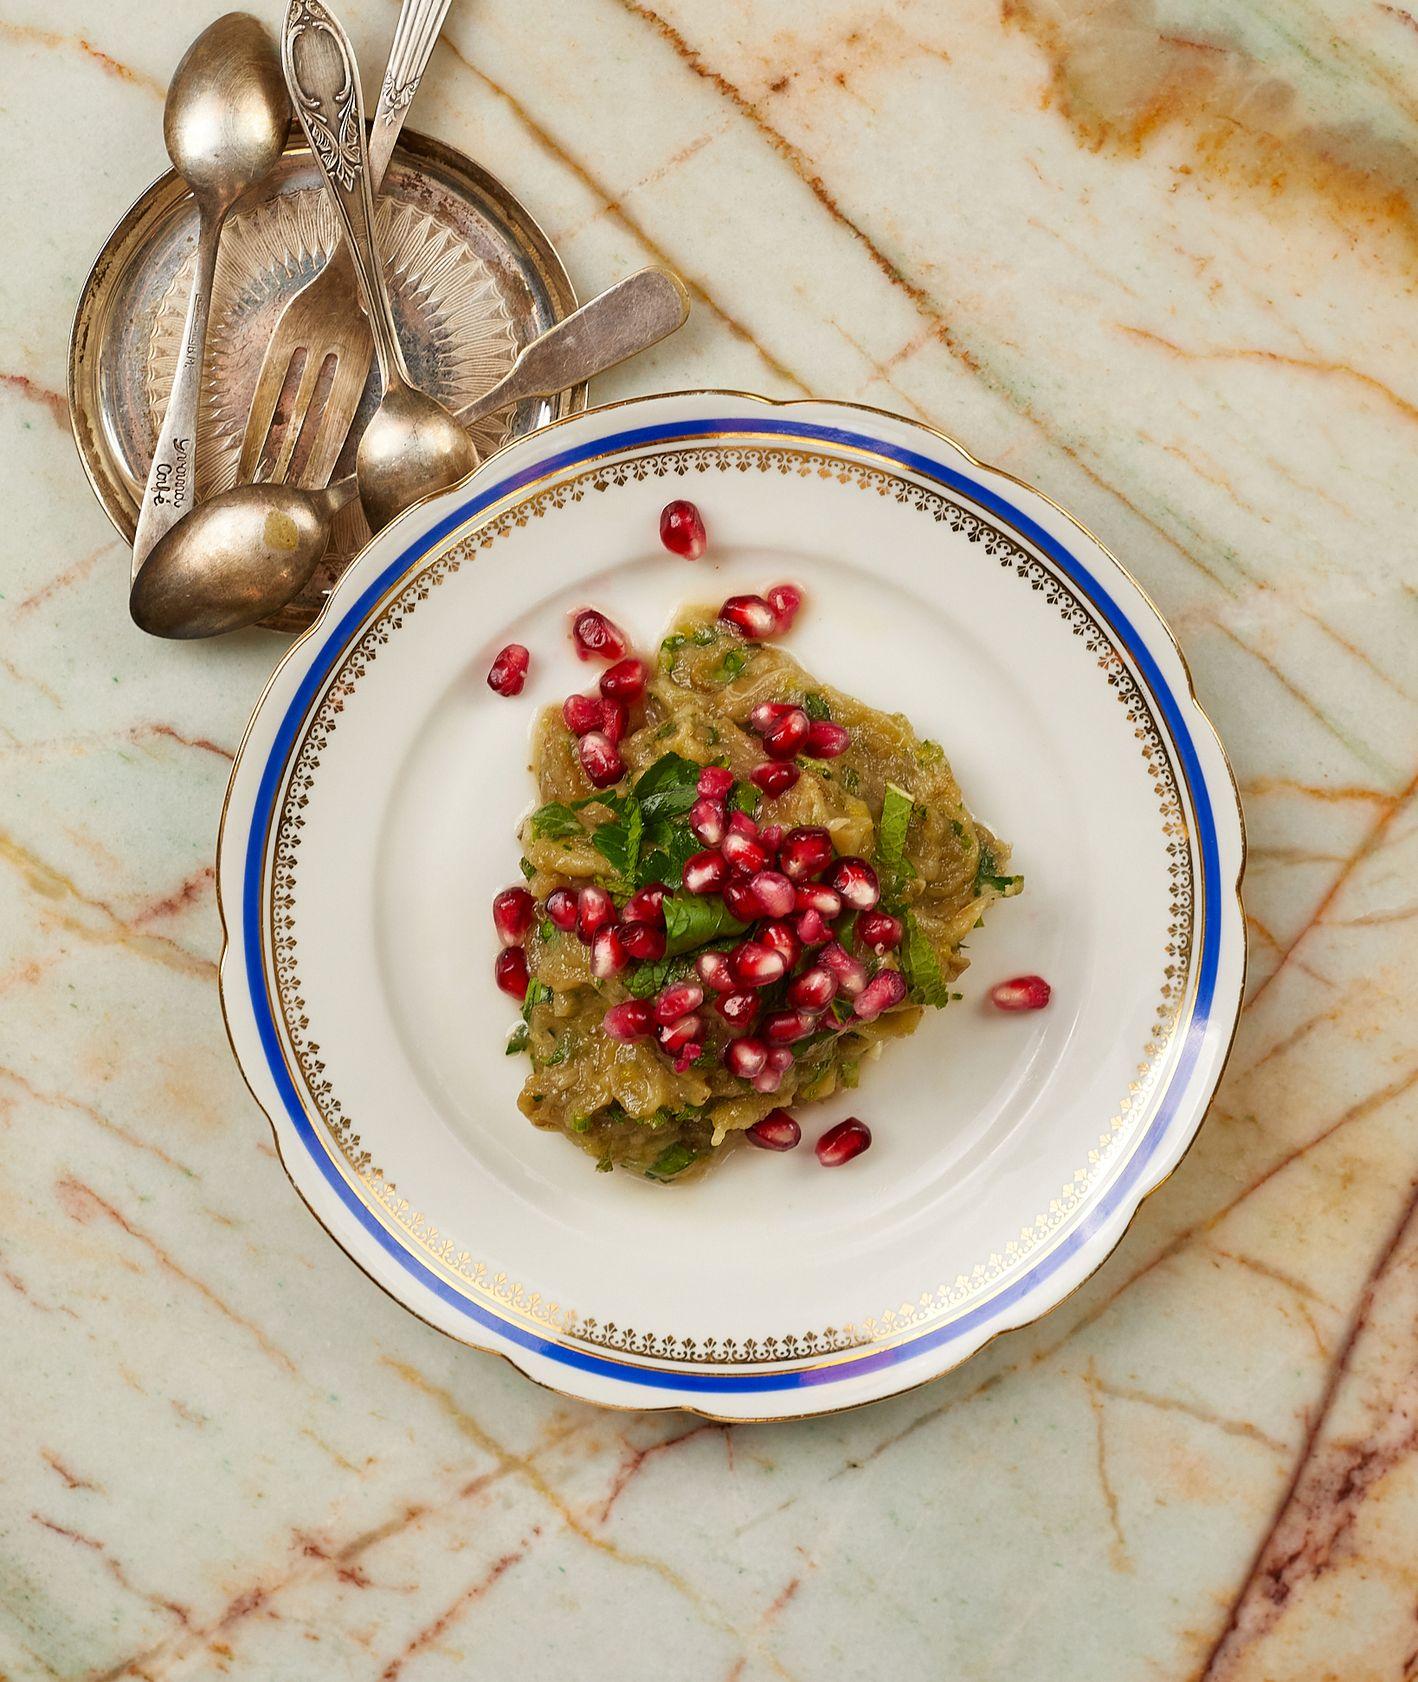 Przepis – bakłażan z czosnkiem, cytryną i granatem, jak przyrządzić bakłażana, kuchnia izraelska (fot. Maciej Niemojewski)